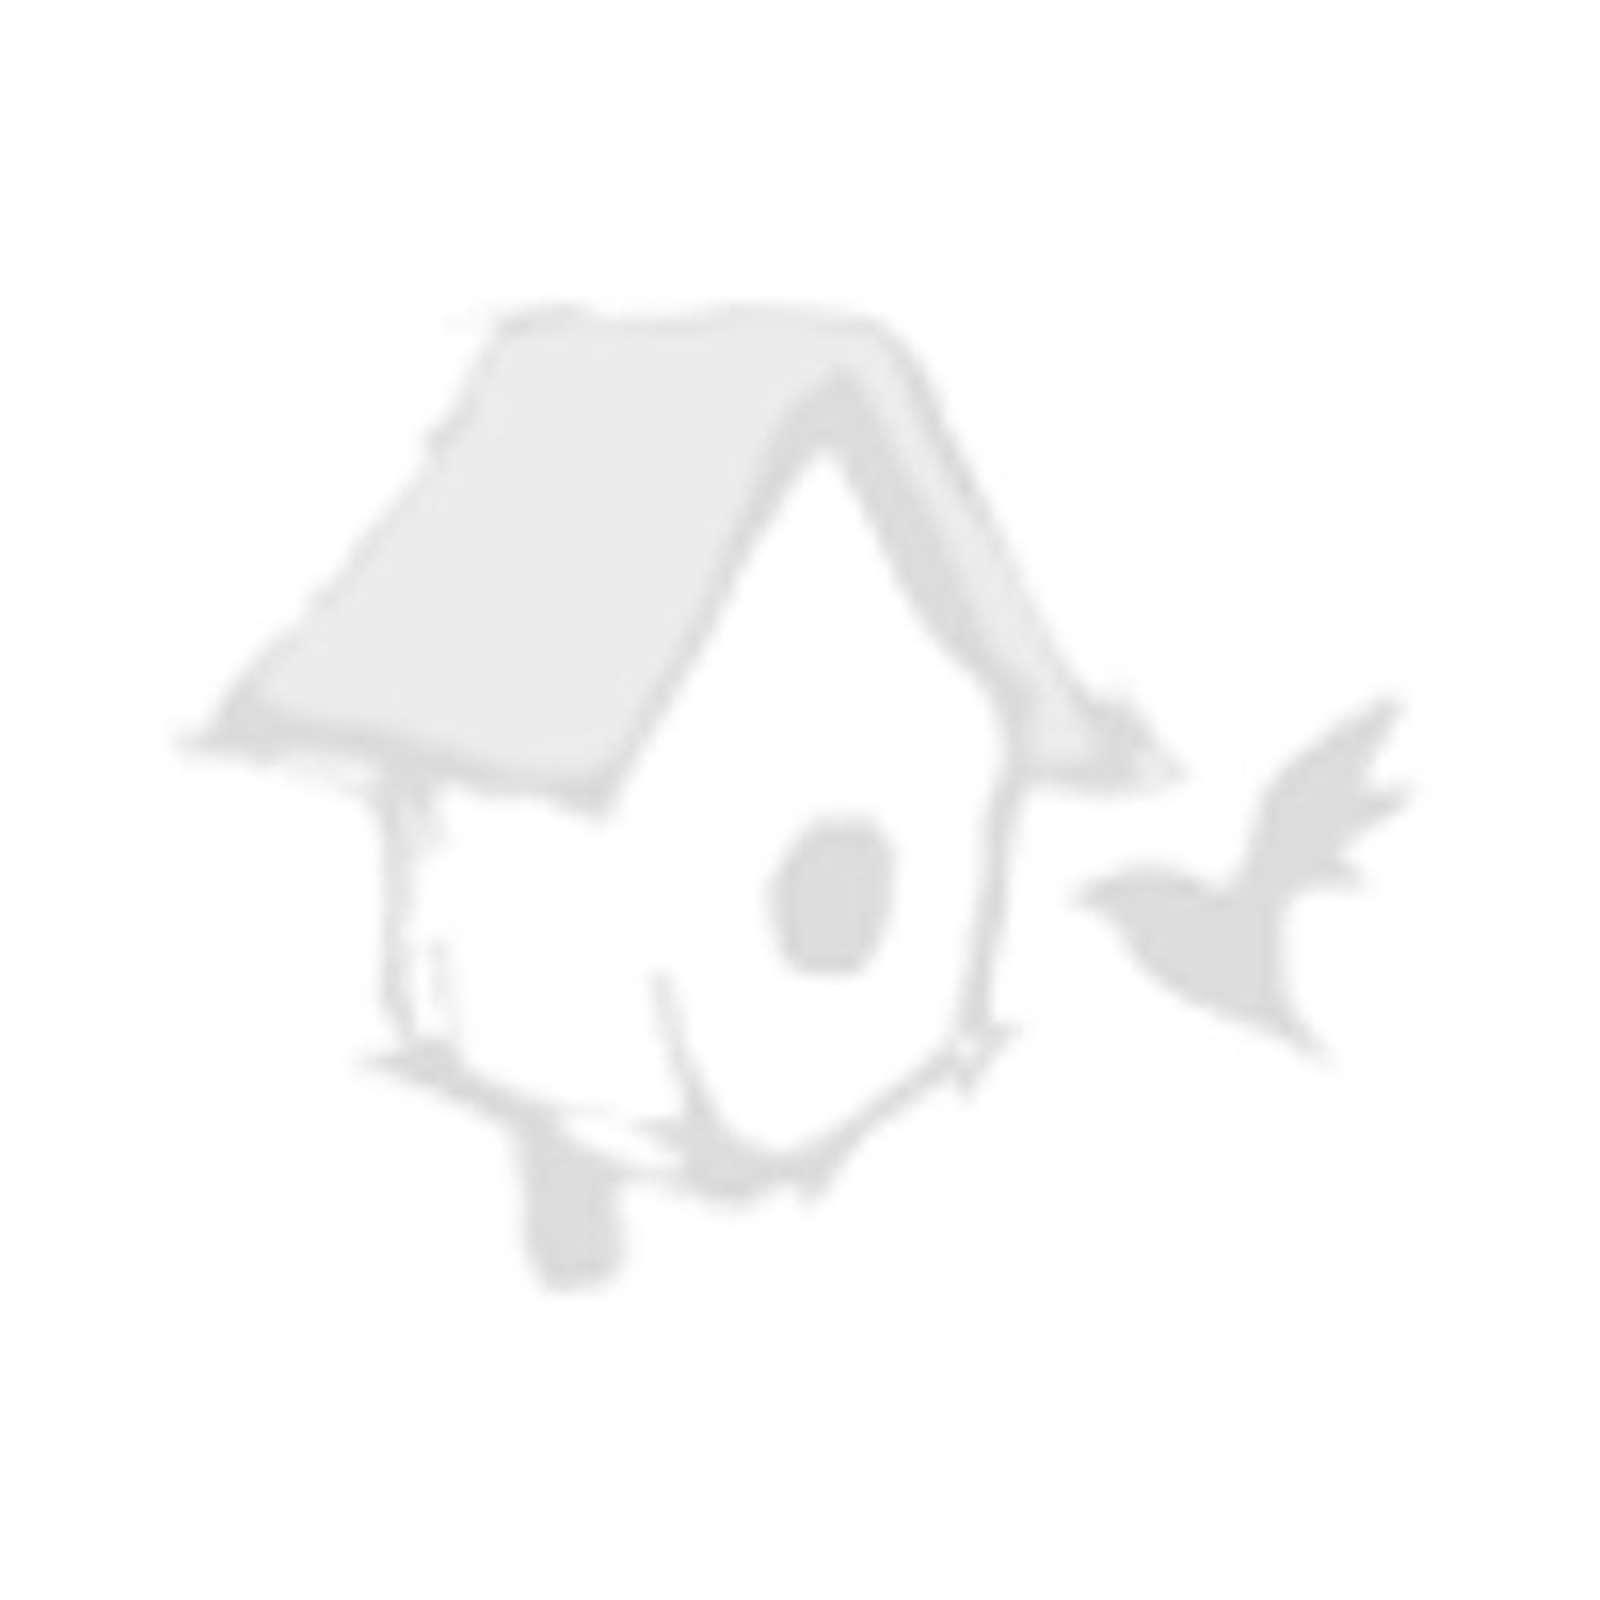 Полотно дверное остекленное Энержди пескоструй №28 СИНЕРЖИ ель ПВХ, ПДО 800х2000мм